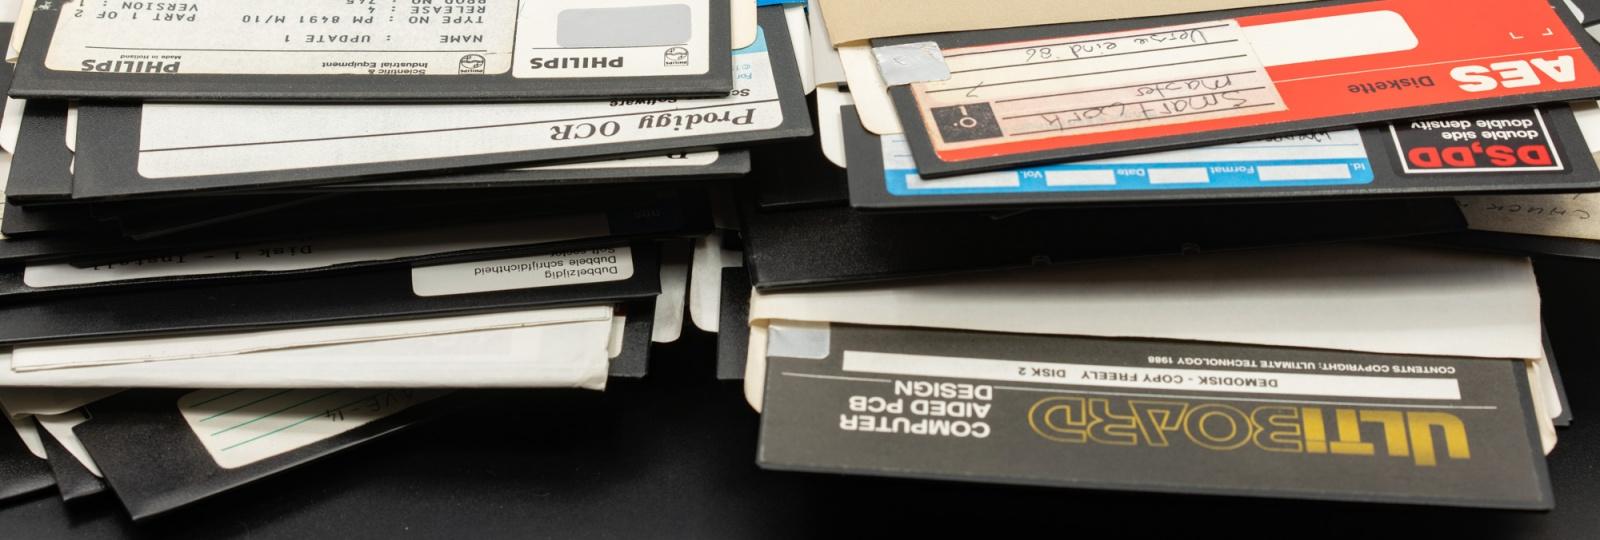 DISTR 3: софт с пятидюймовых дискет - 1